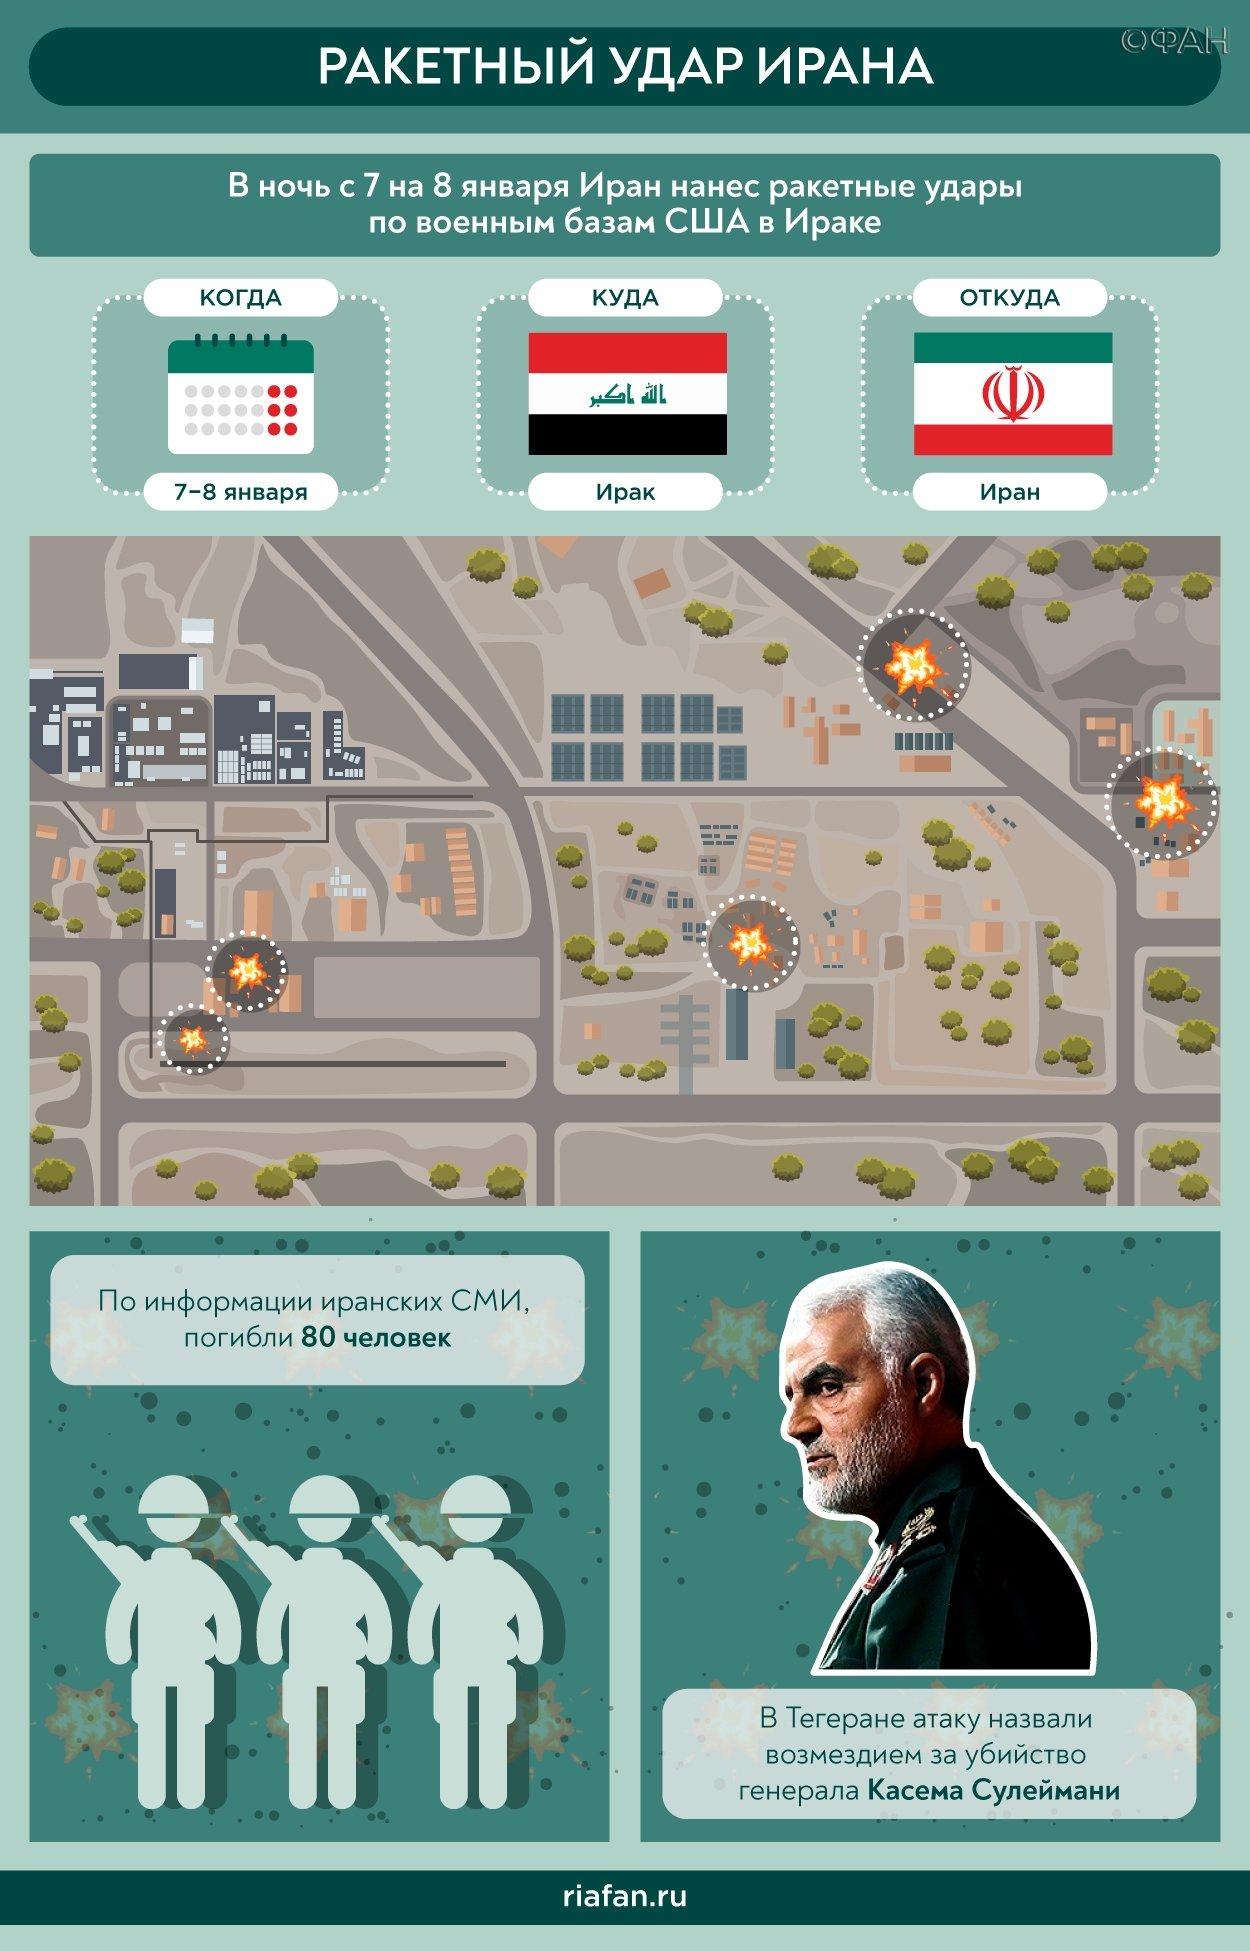 Депутат Морозов рассказал, как США пытаются развязать большую войну на Ближнем Востоке